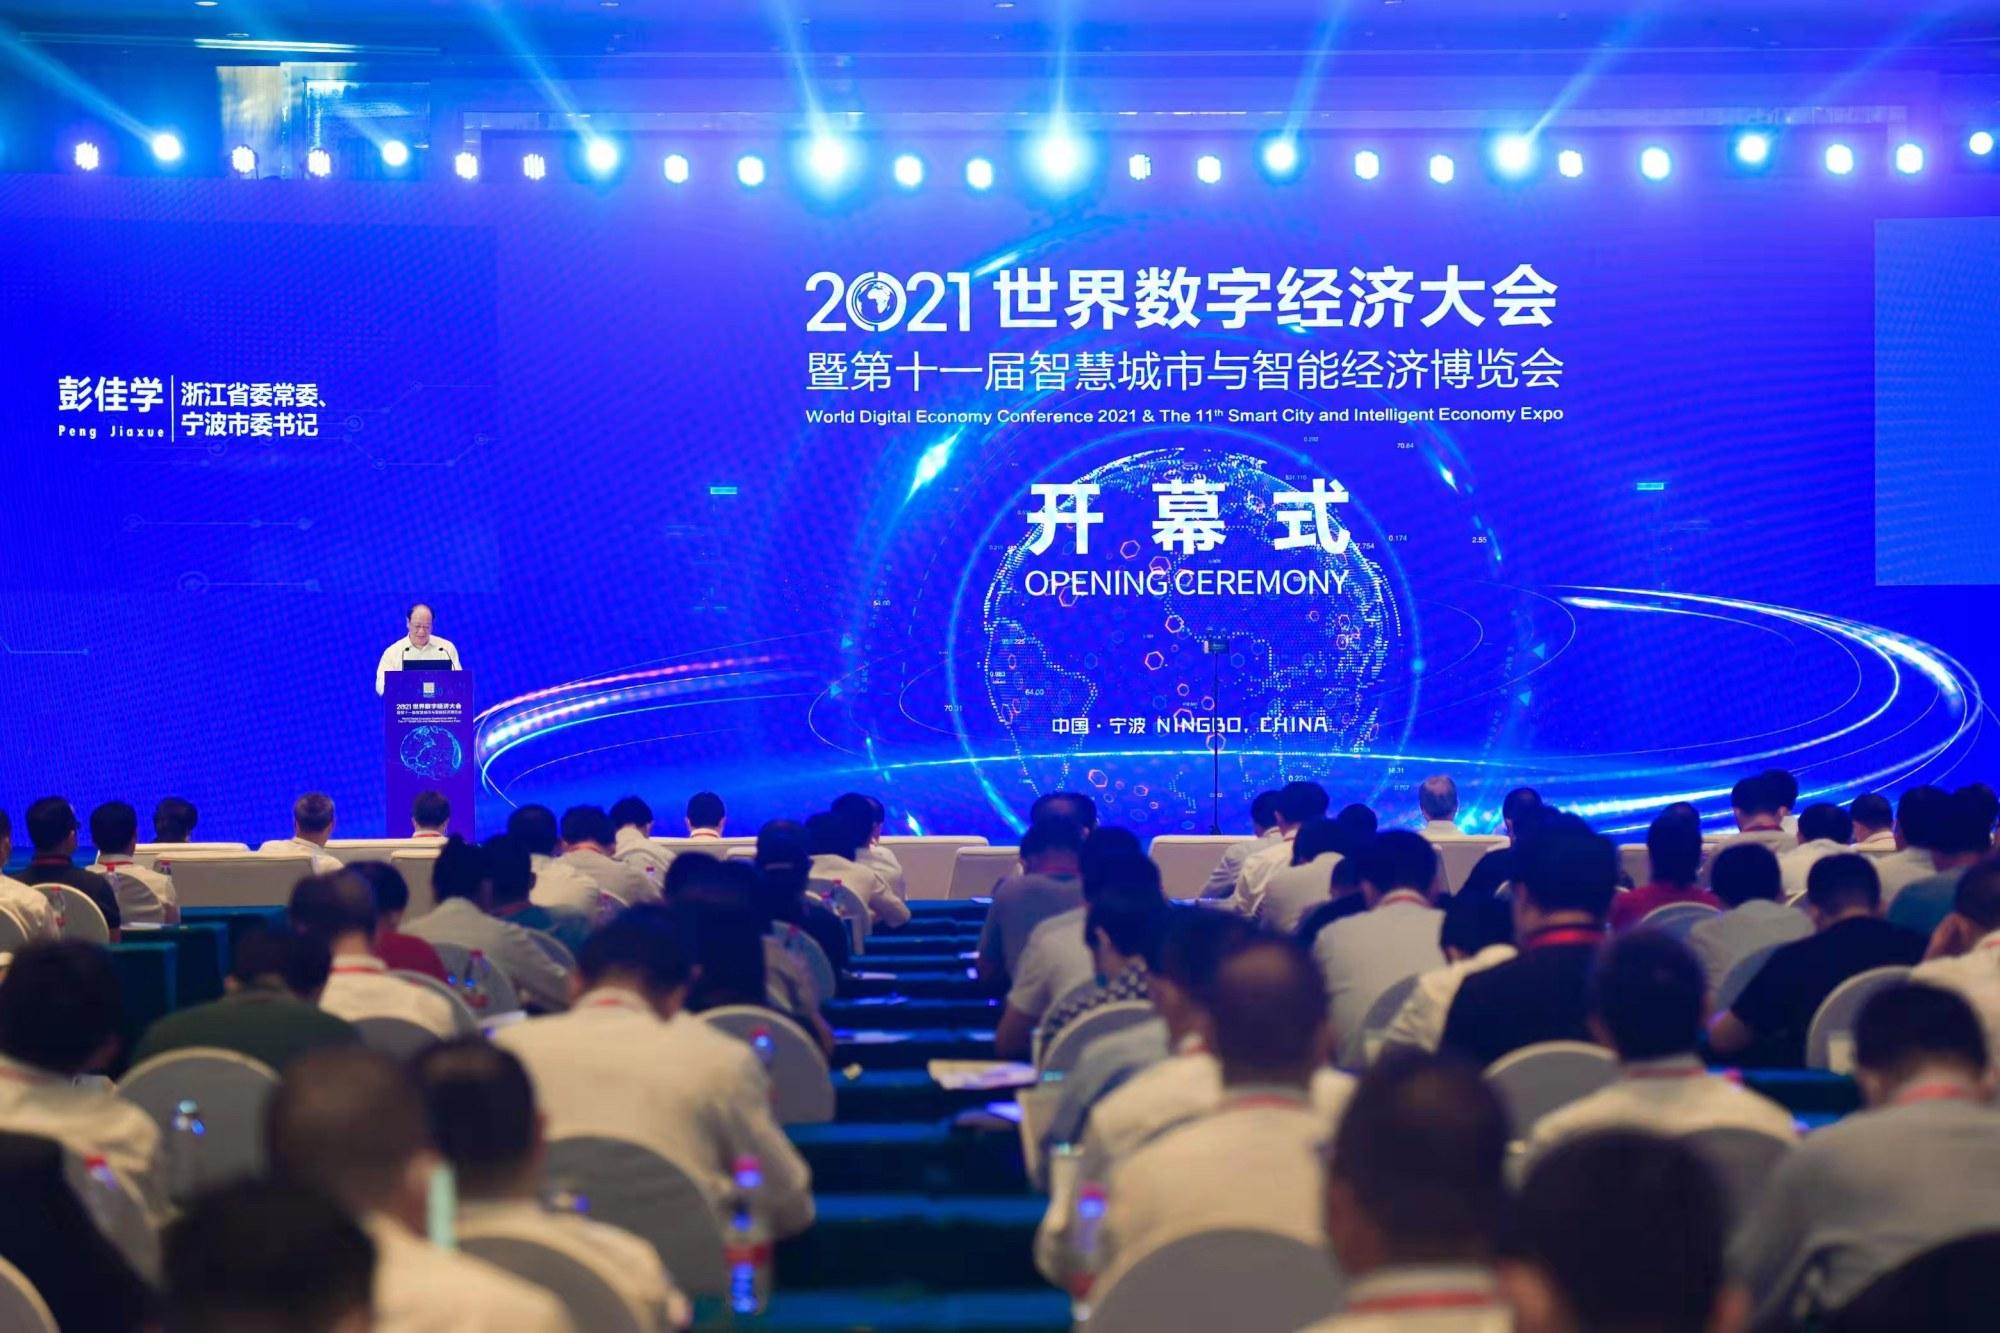 2021世界数字经济大会暨第十一届智博会在宁波开幕